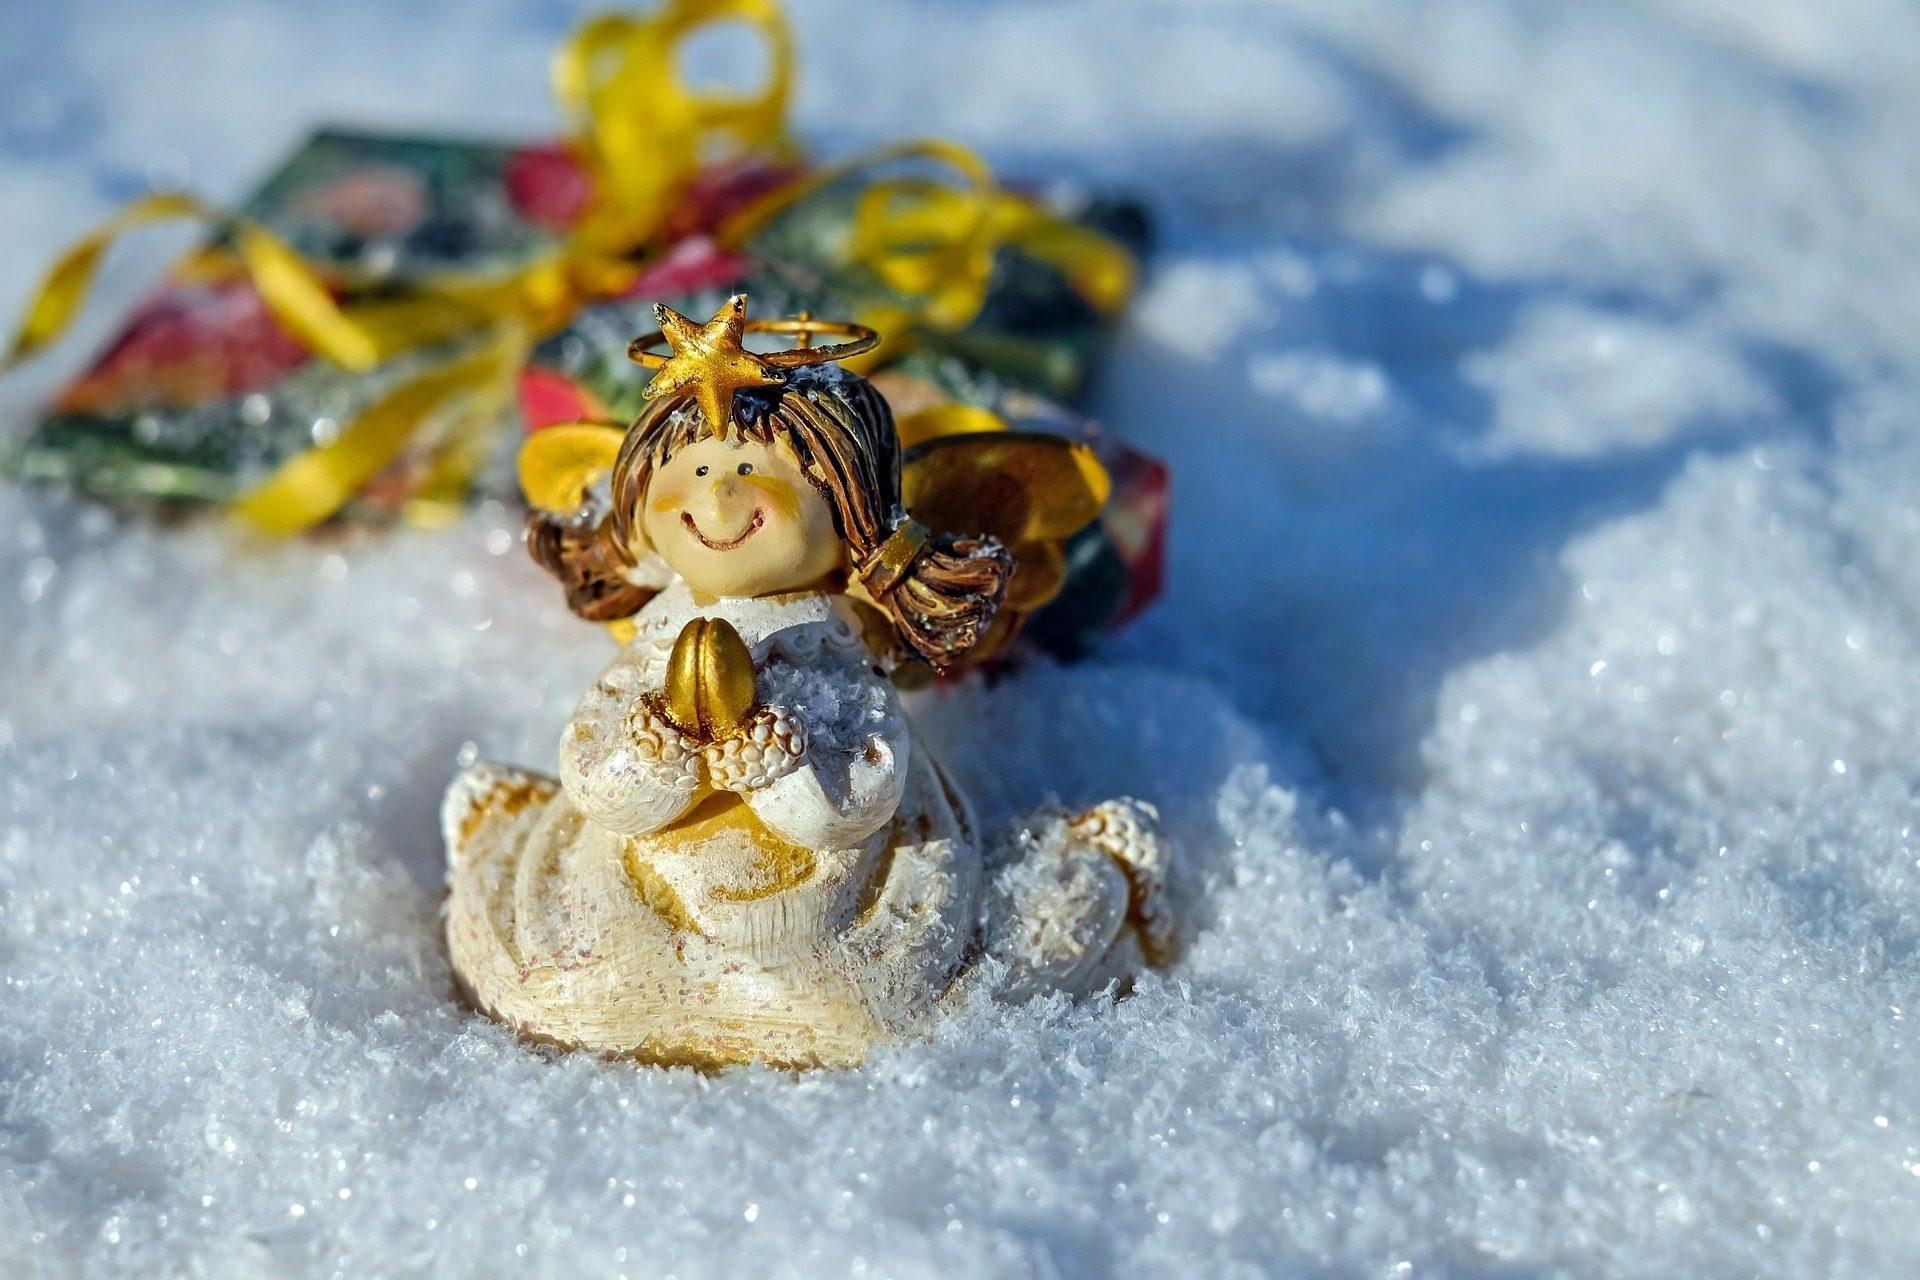 Ангел, снег, Зима, Рождество, подарок - Обои HD - Профессор falken.com